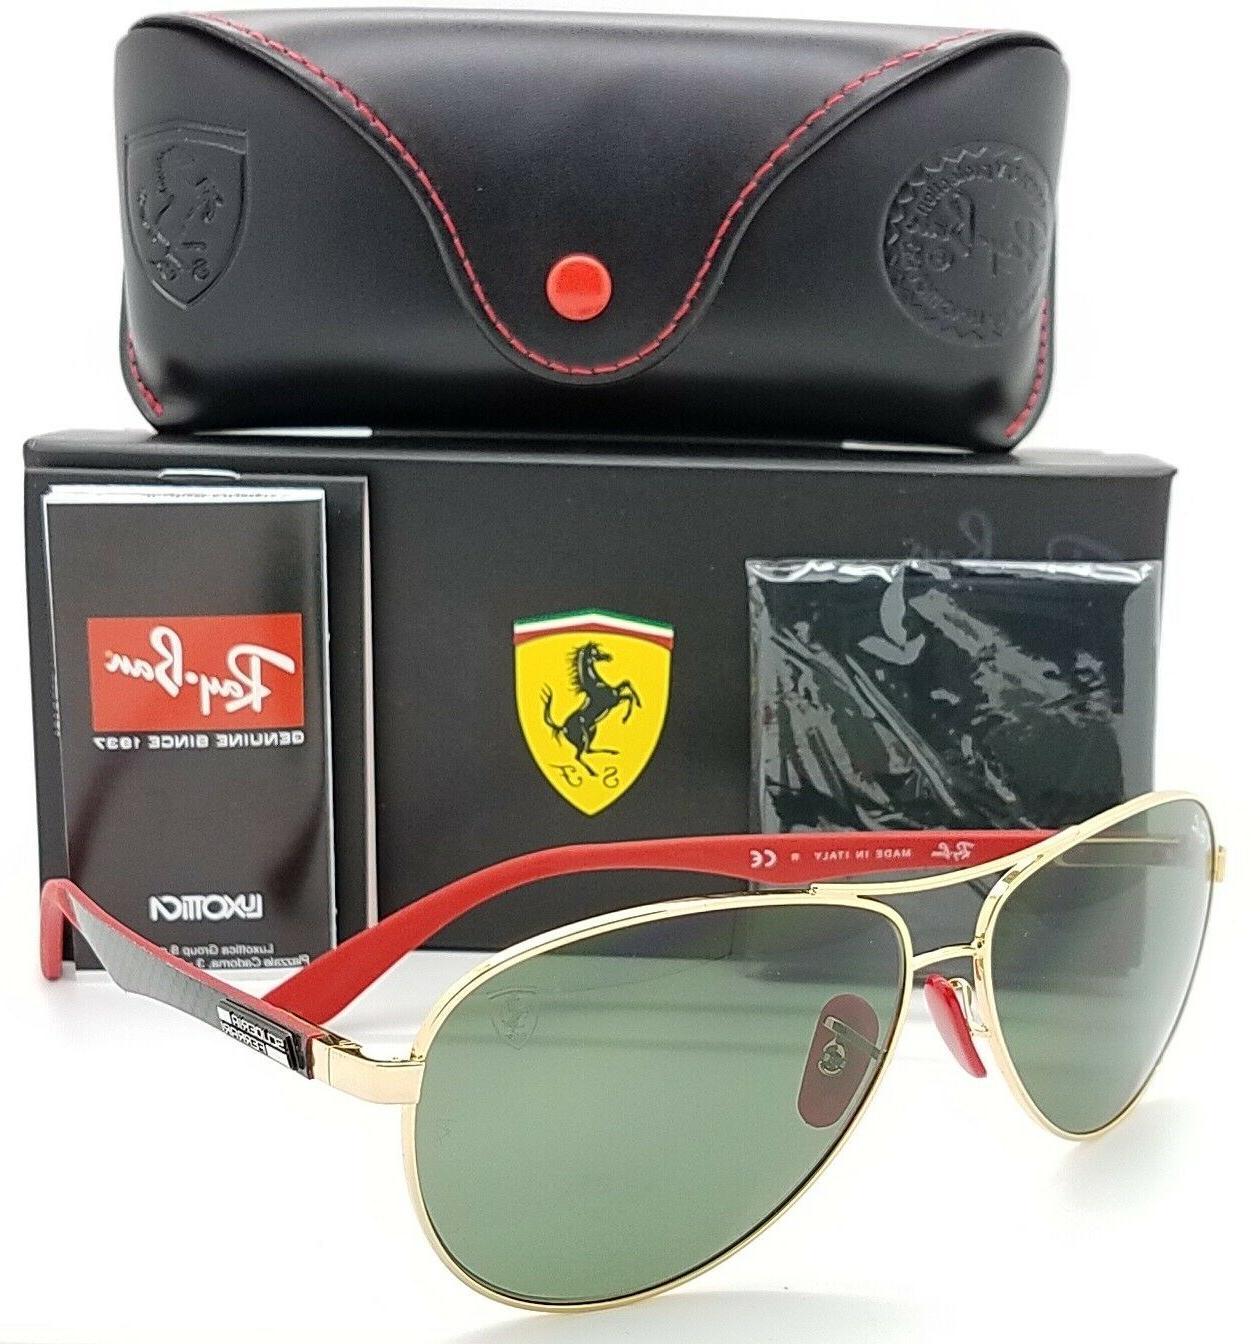 NEW Rayban Ferrari sunglasses RB8313M F00871 Gold G15 Aviato